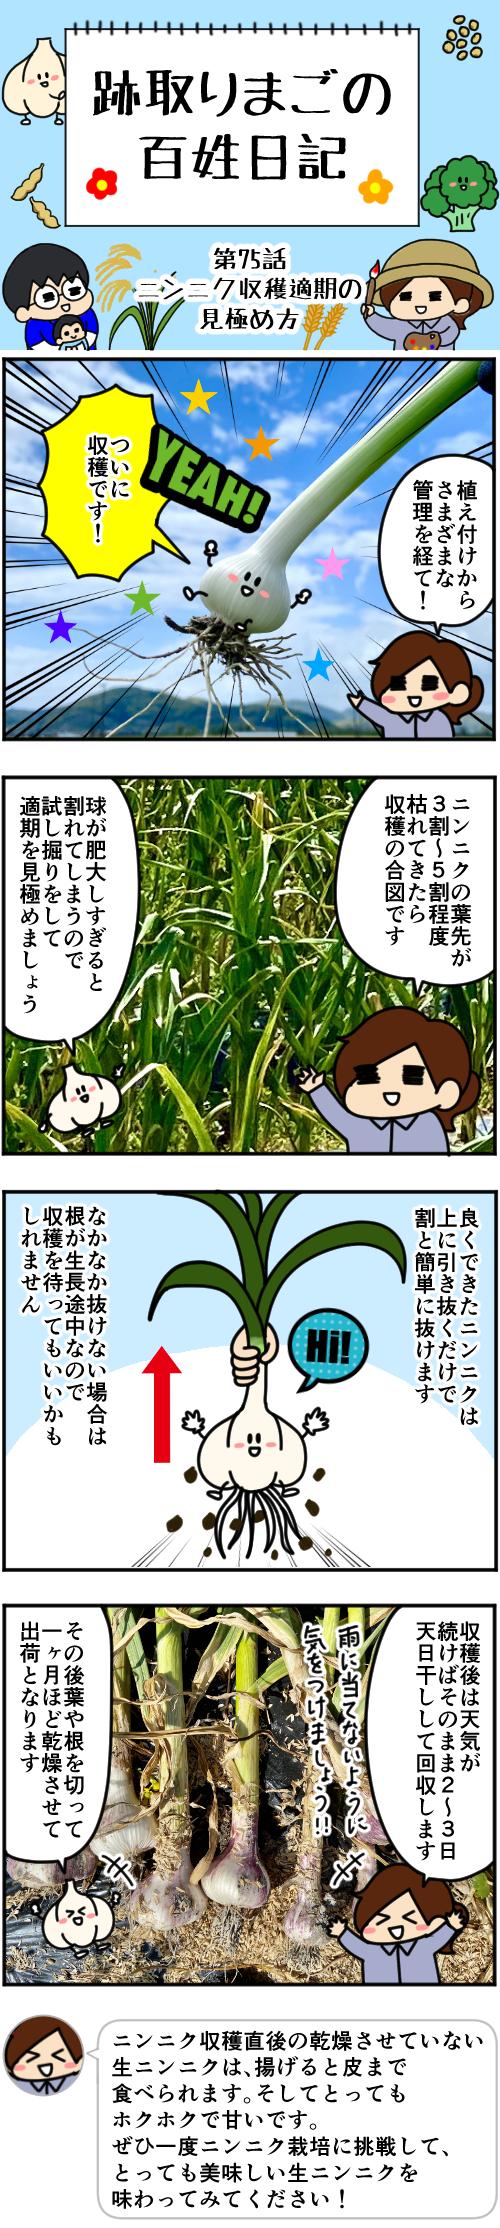 1 第75話本編